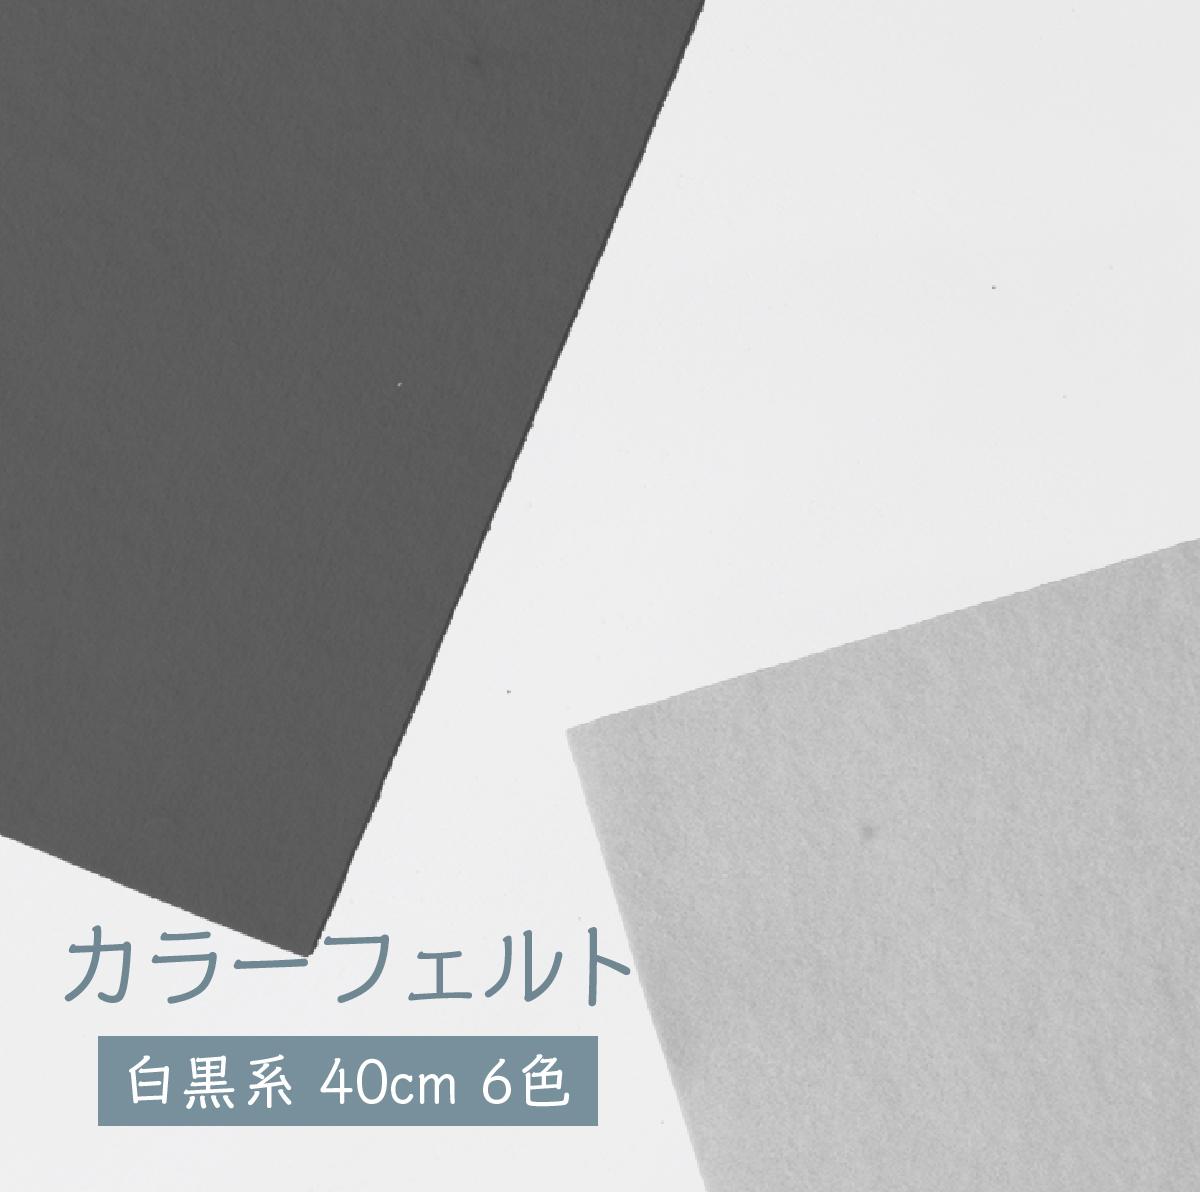 やさしい天然素材を使用 フェルト 白色 日本メーカー新品 黒色 灰色 40cm ブラック系 グレー ホワイト 低価格化